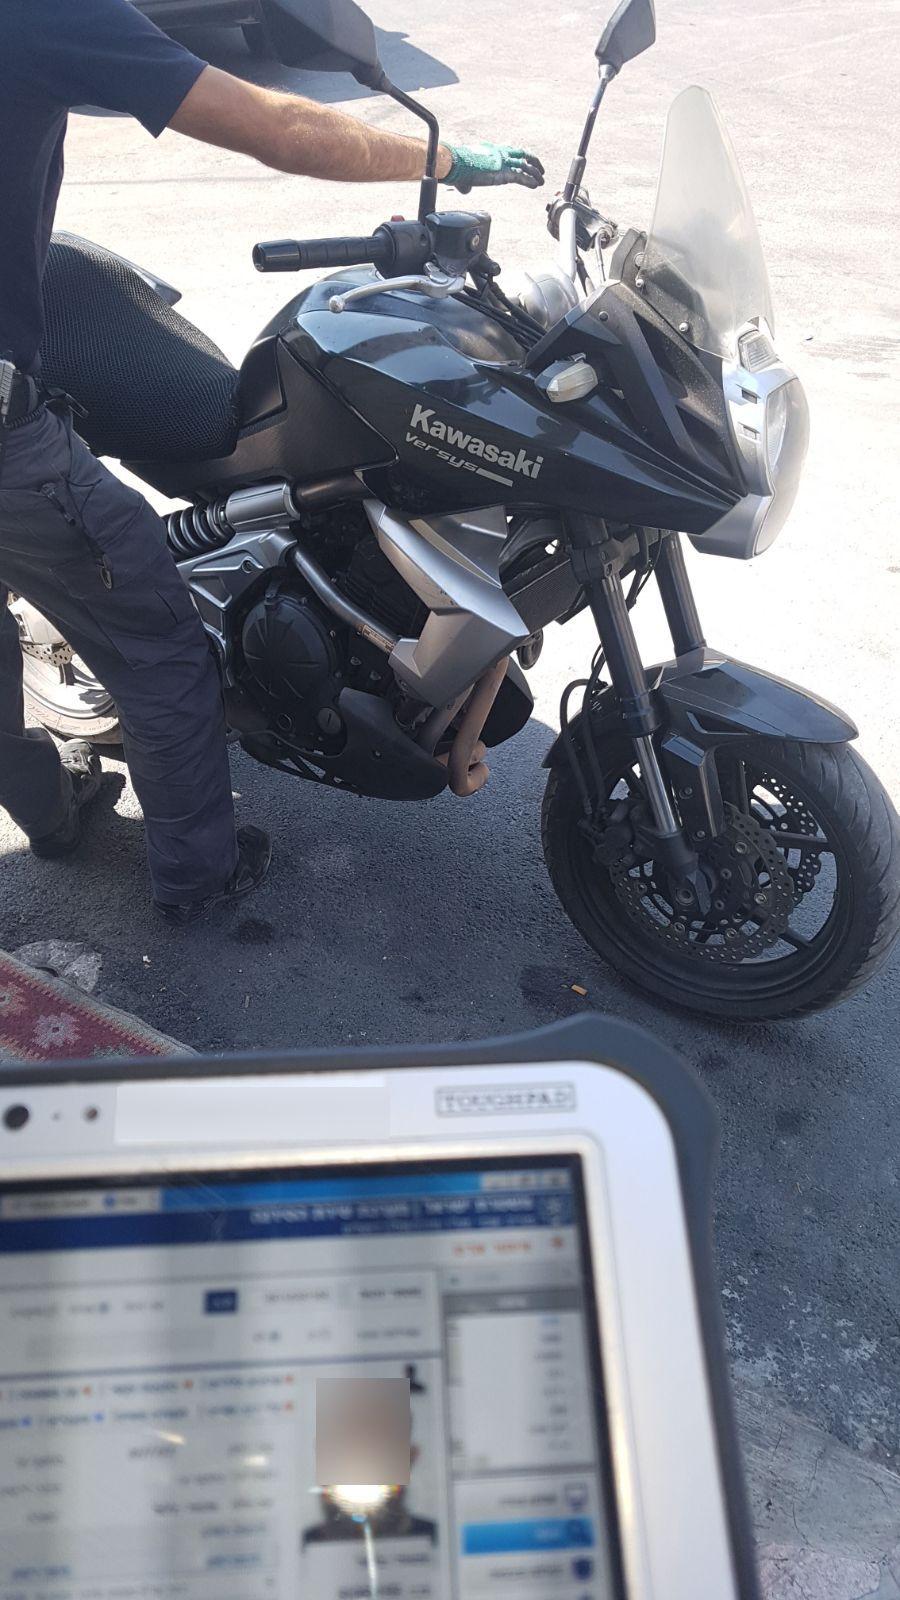 נהג באופנוע ללא רישיון, ניסה להימלט ונעצר בעסק המשפחתי